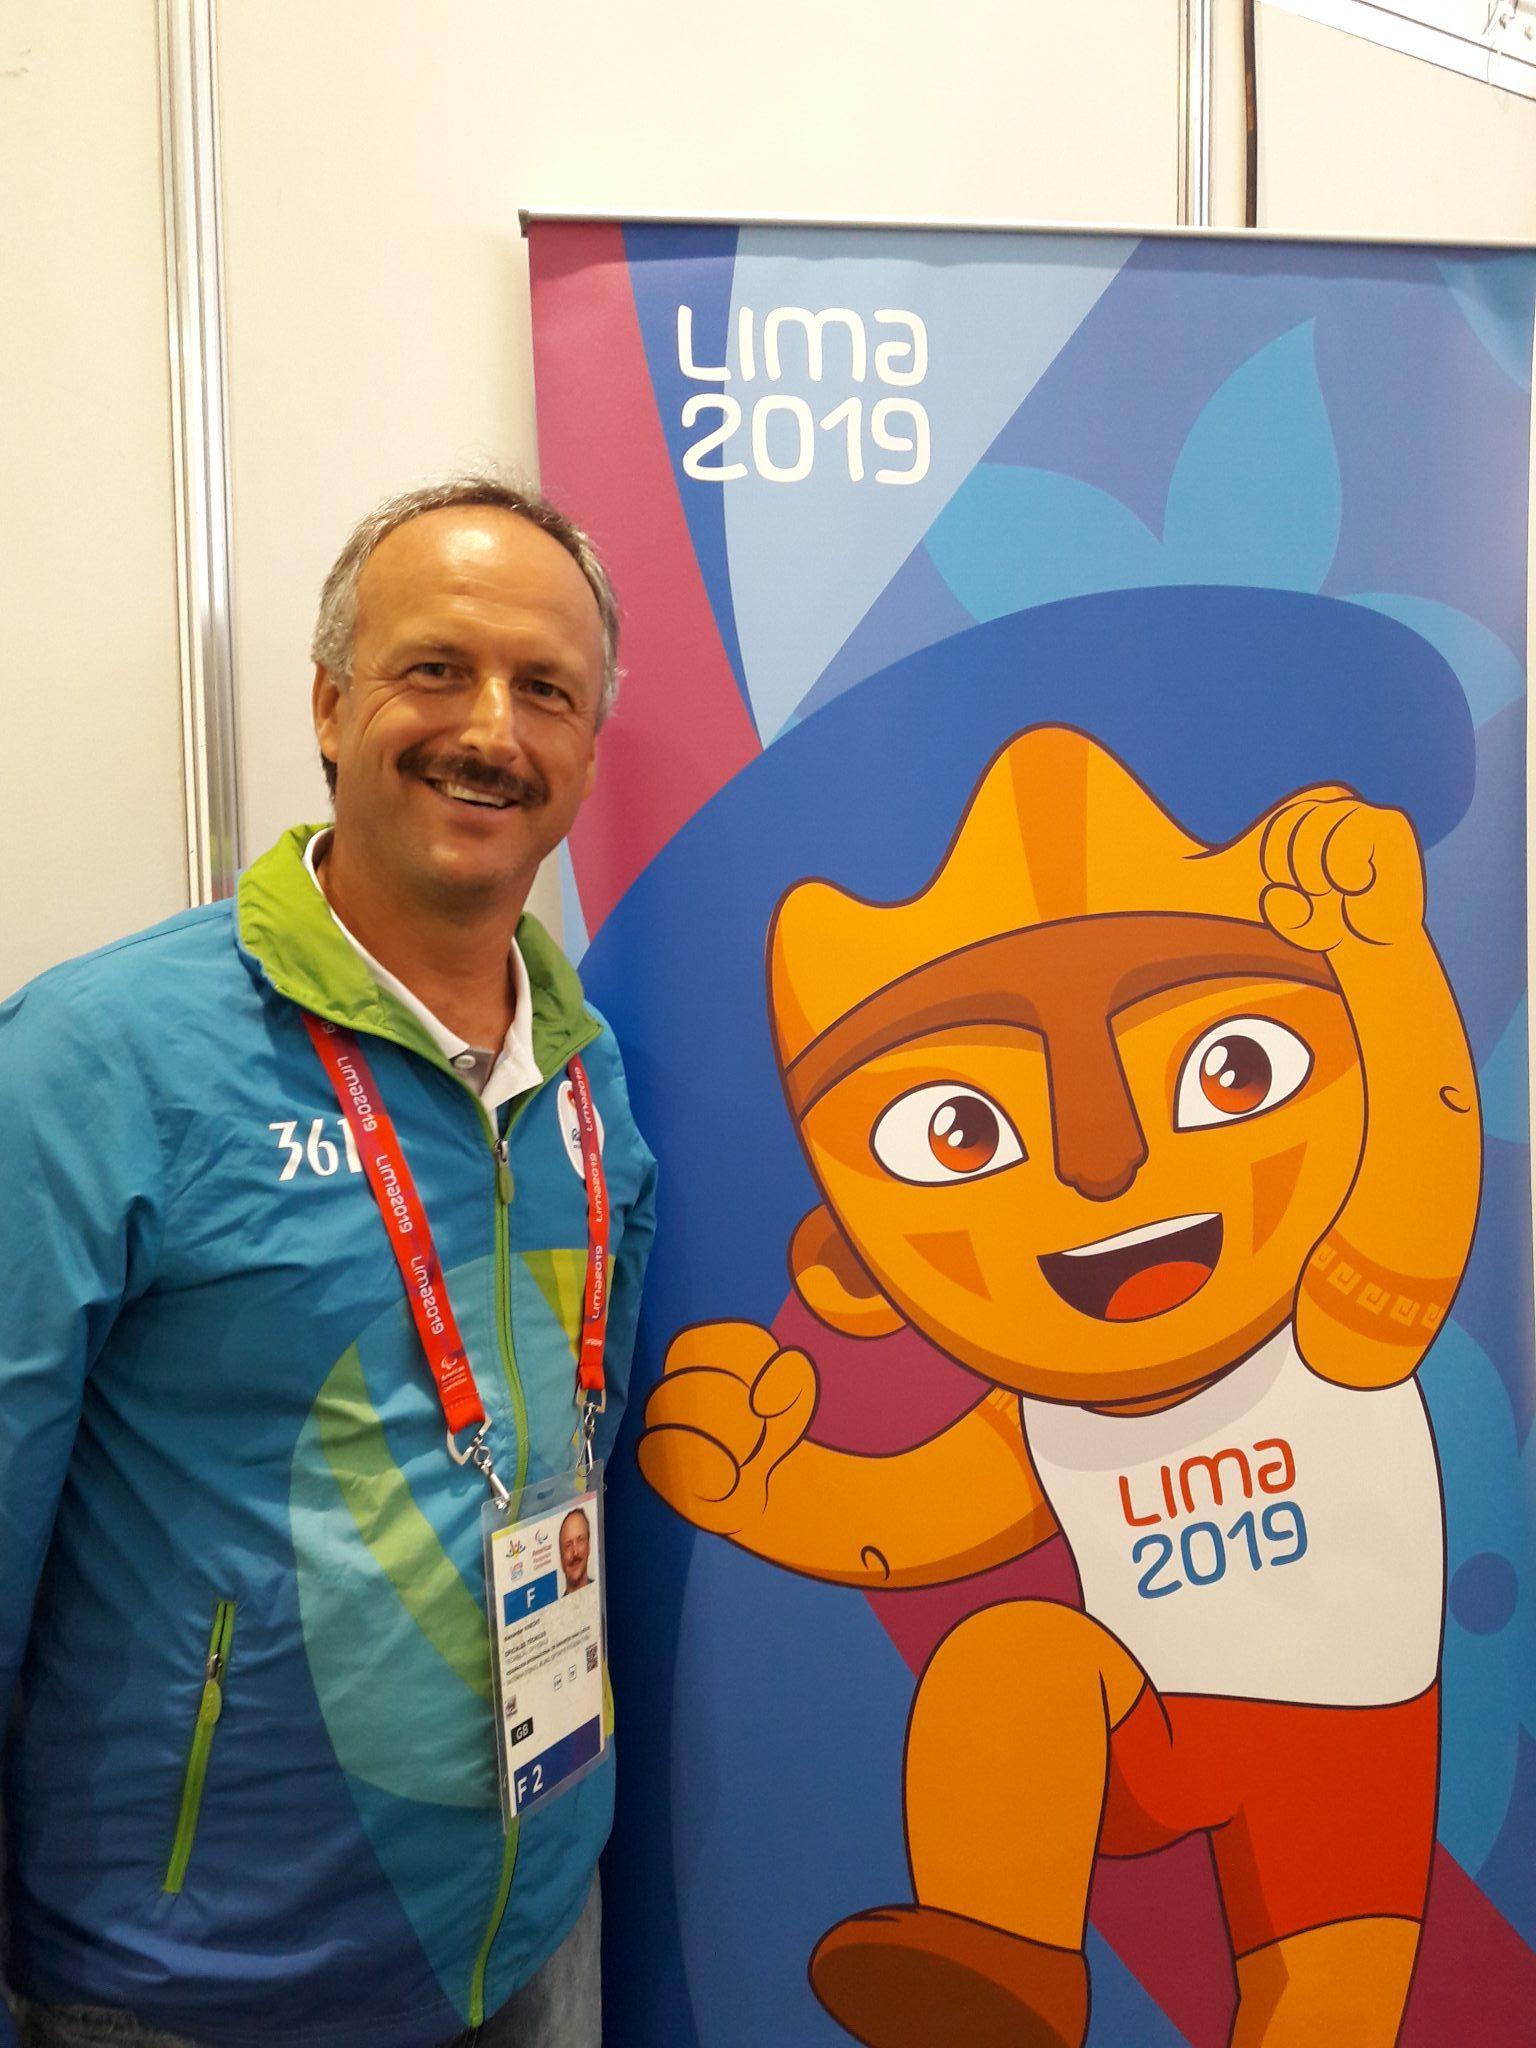 Goalball-Schiedsrichter Alexander Knecht 2019 in Lima mit dem Maskottchen